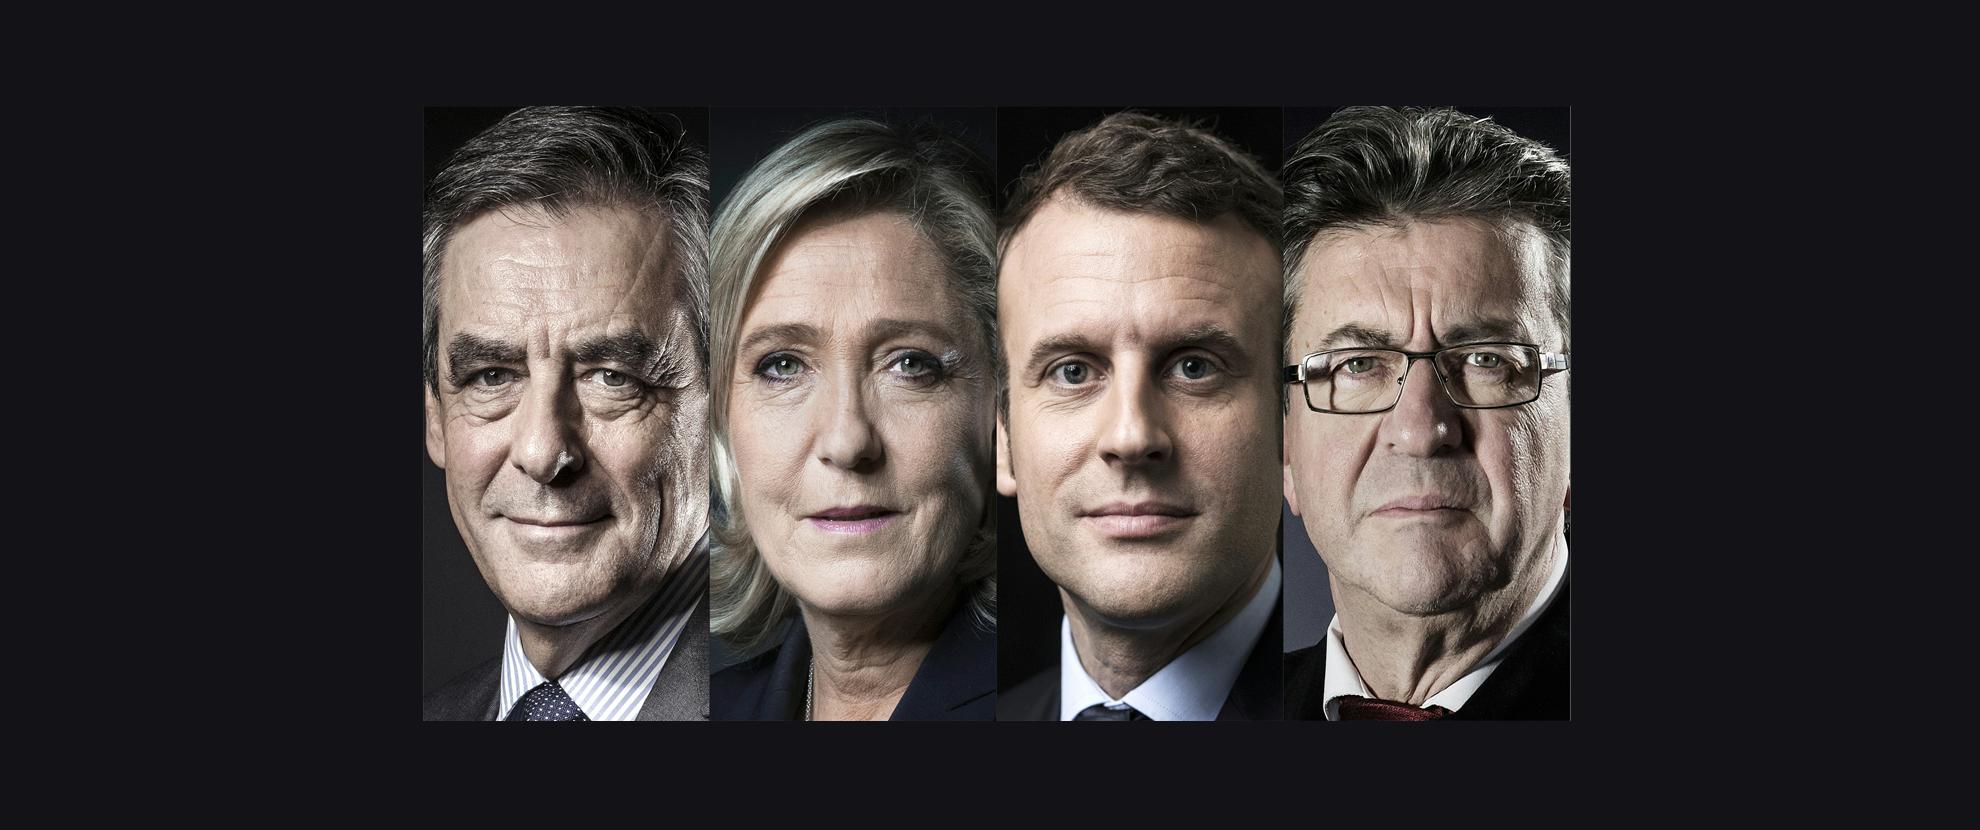 Bốn ứng cử viên chính trong vòng đầu bầu cử tổng thống Pháp 2017.